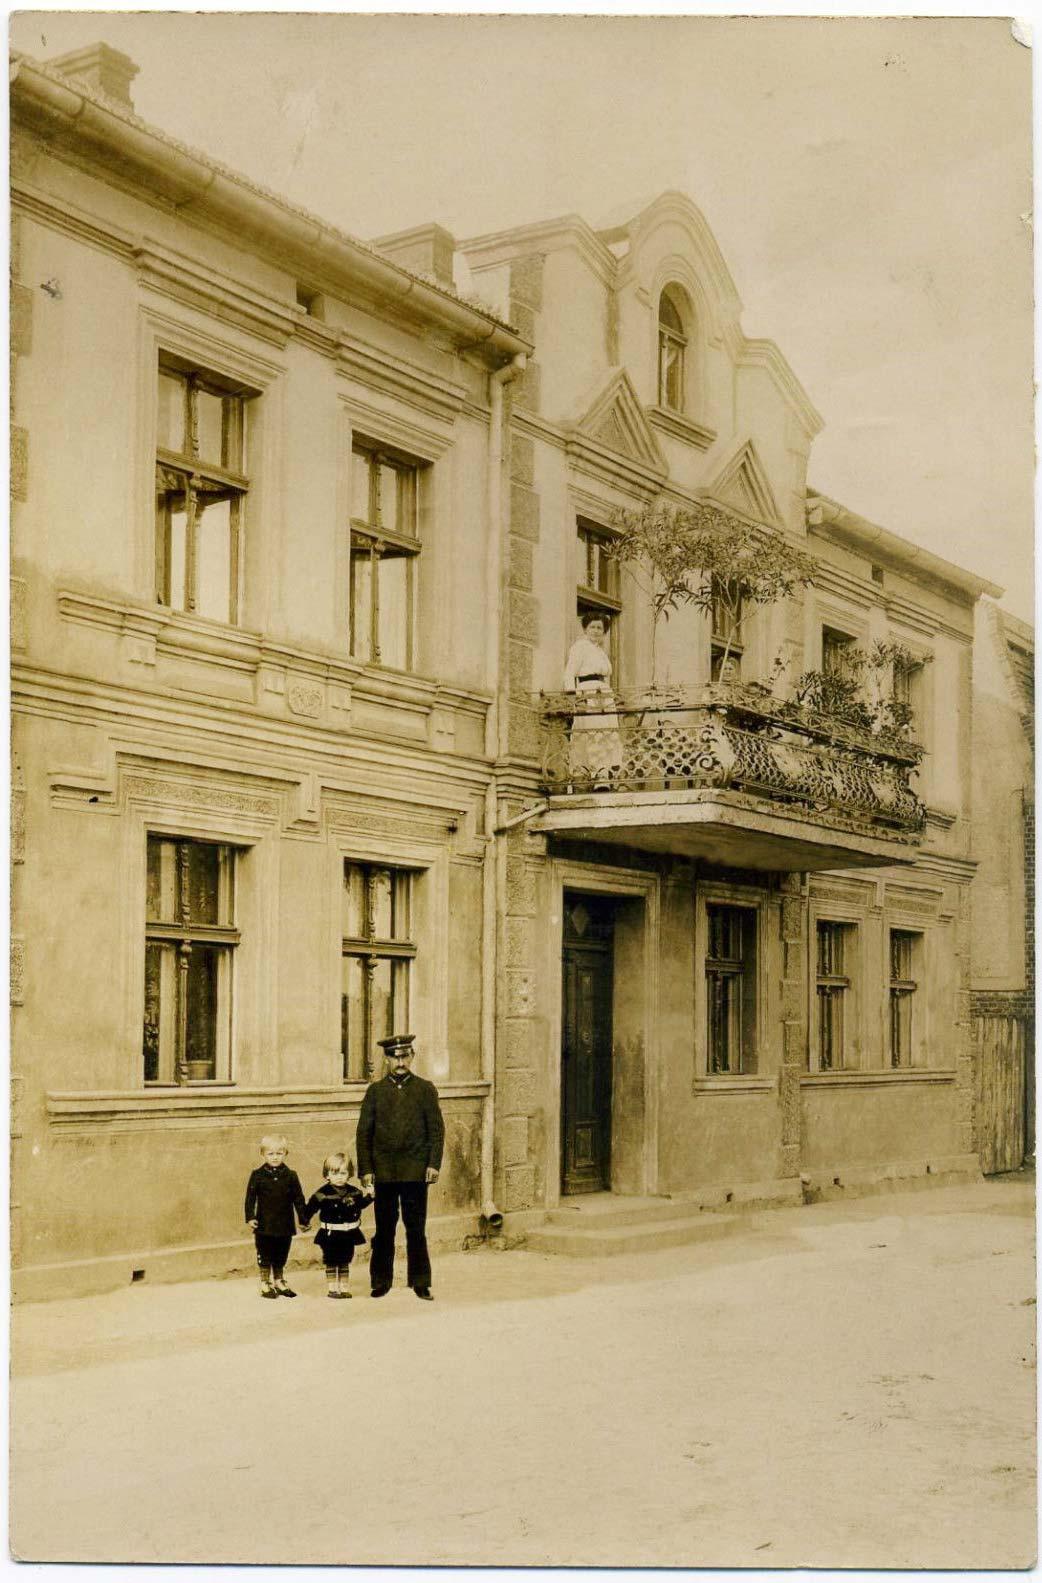 Kamienica, Bnin, ul. Szeroka. Około 1910 rok